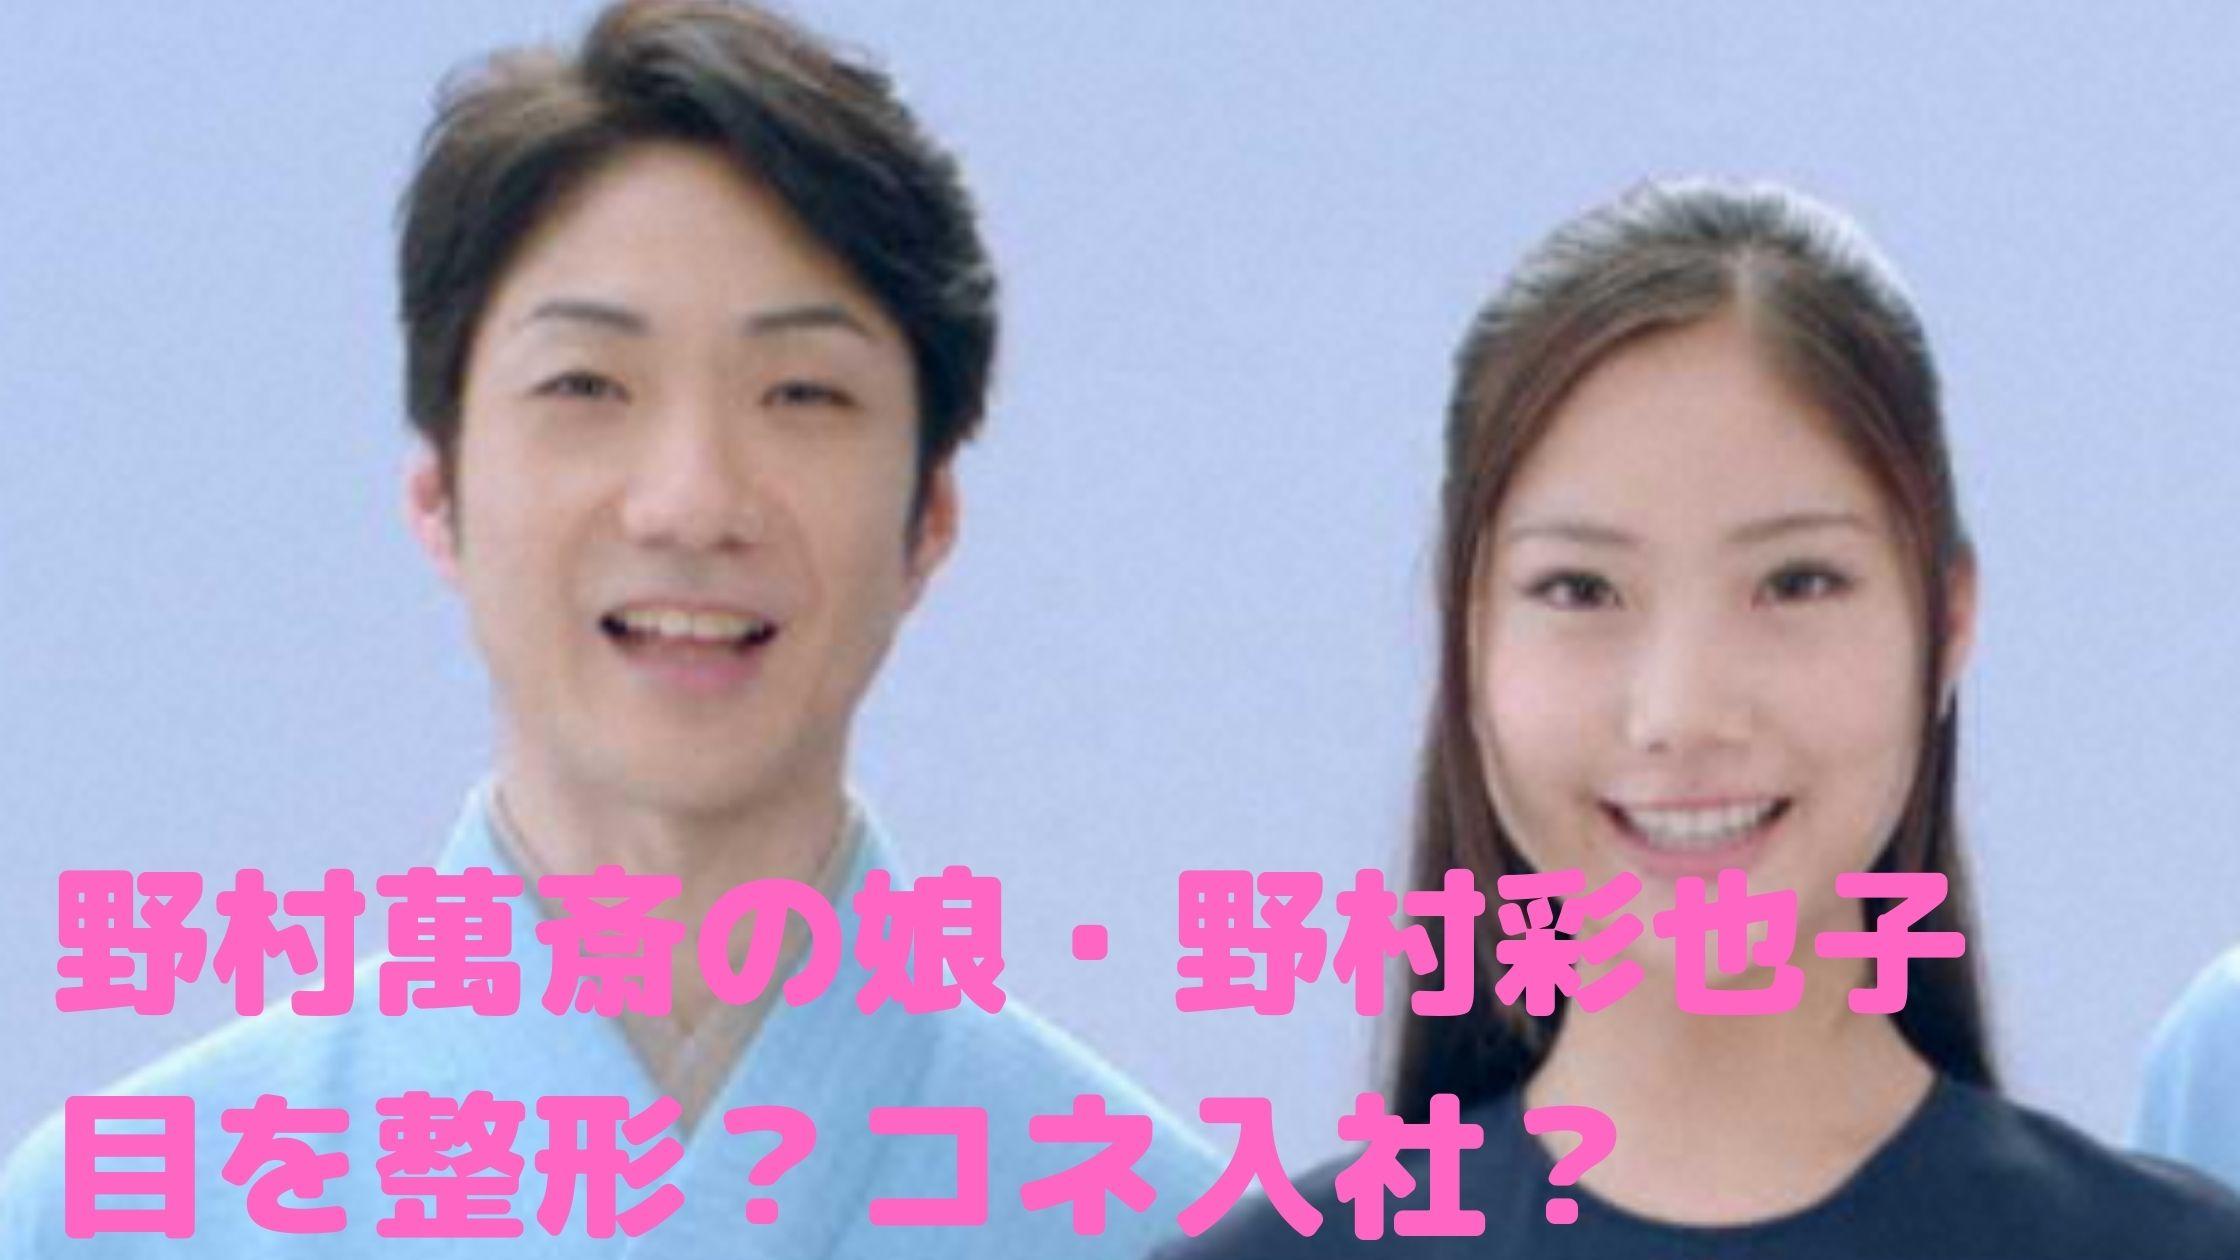 野村萬斎 娘 野村彩也子 大学 アナウンサー コネ 目 整形